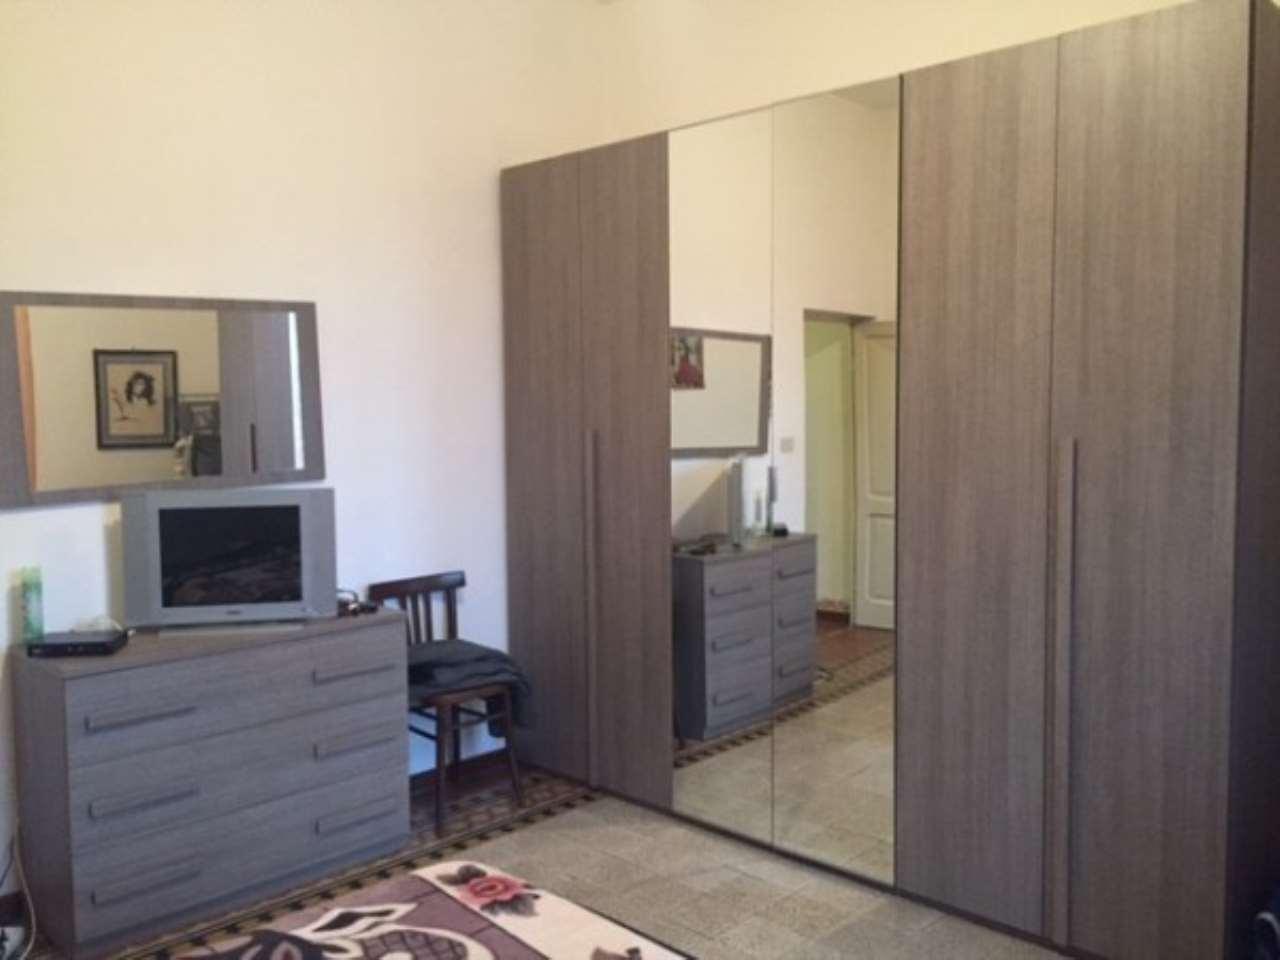 Appartamento in affitto a Novi Ligure, 2 locali, prezzo € 250 | Cambio Casa.it